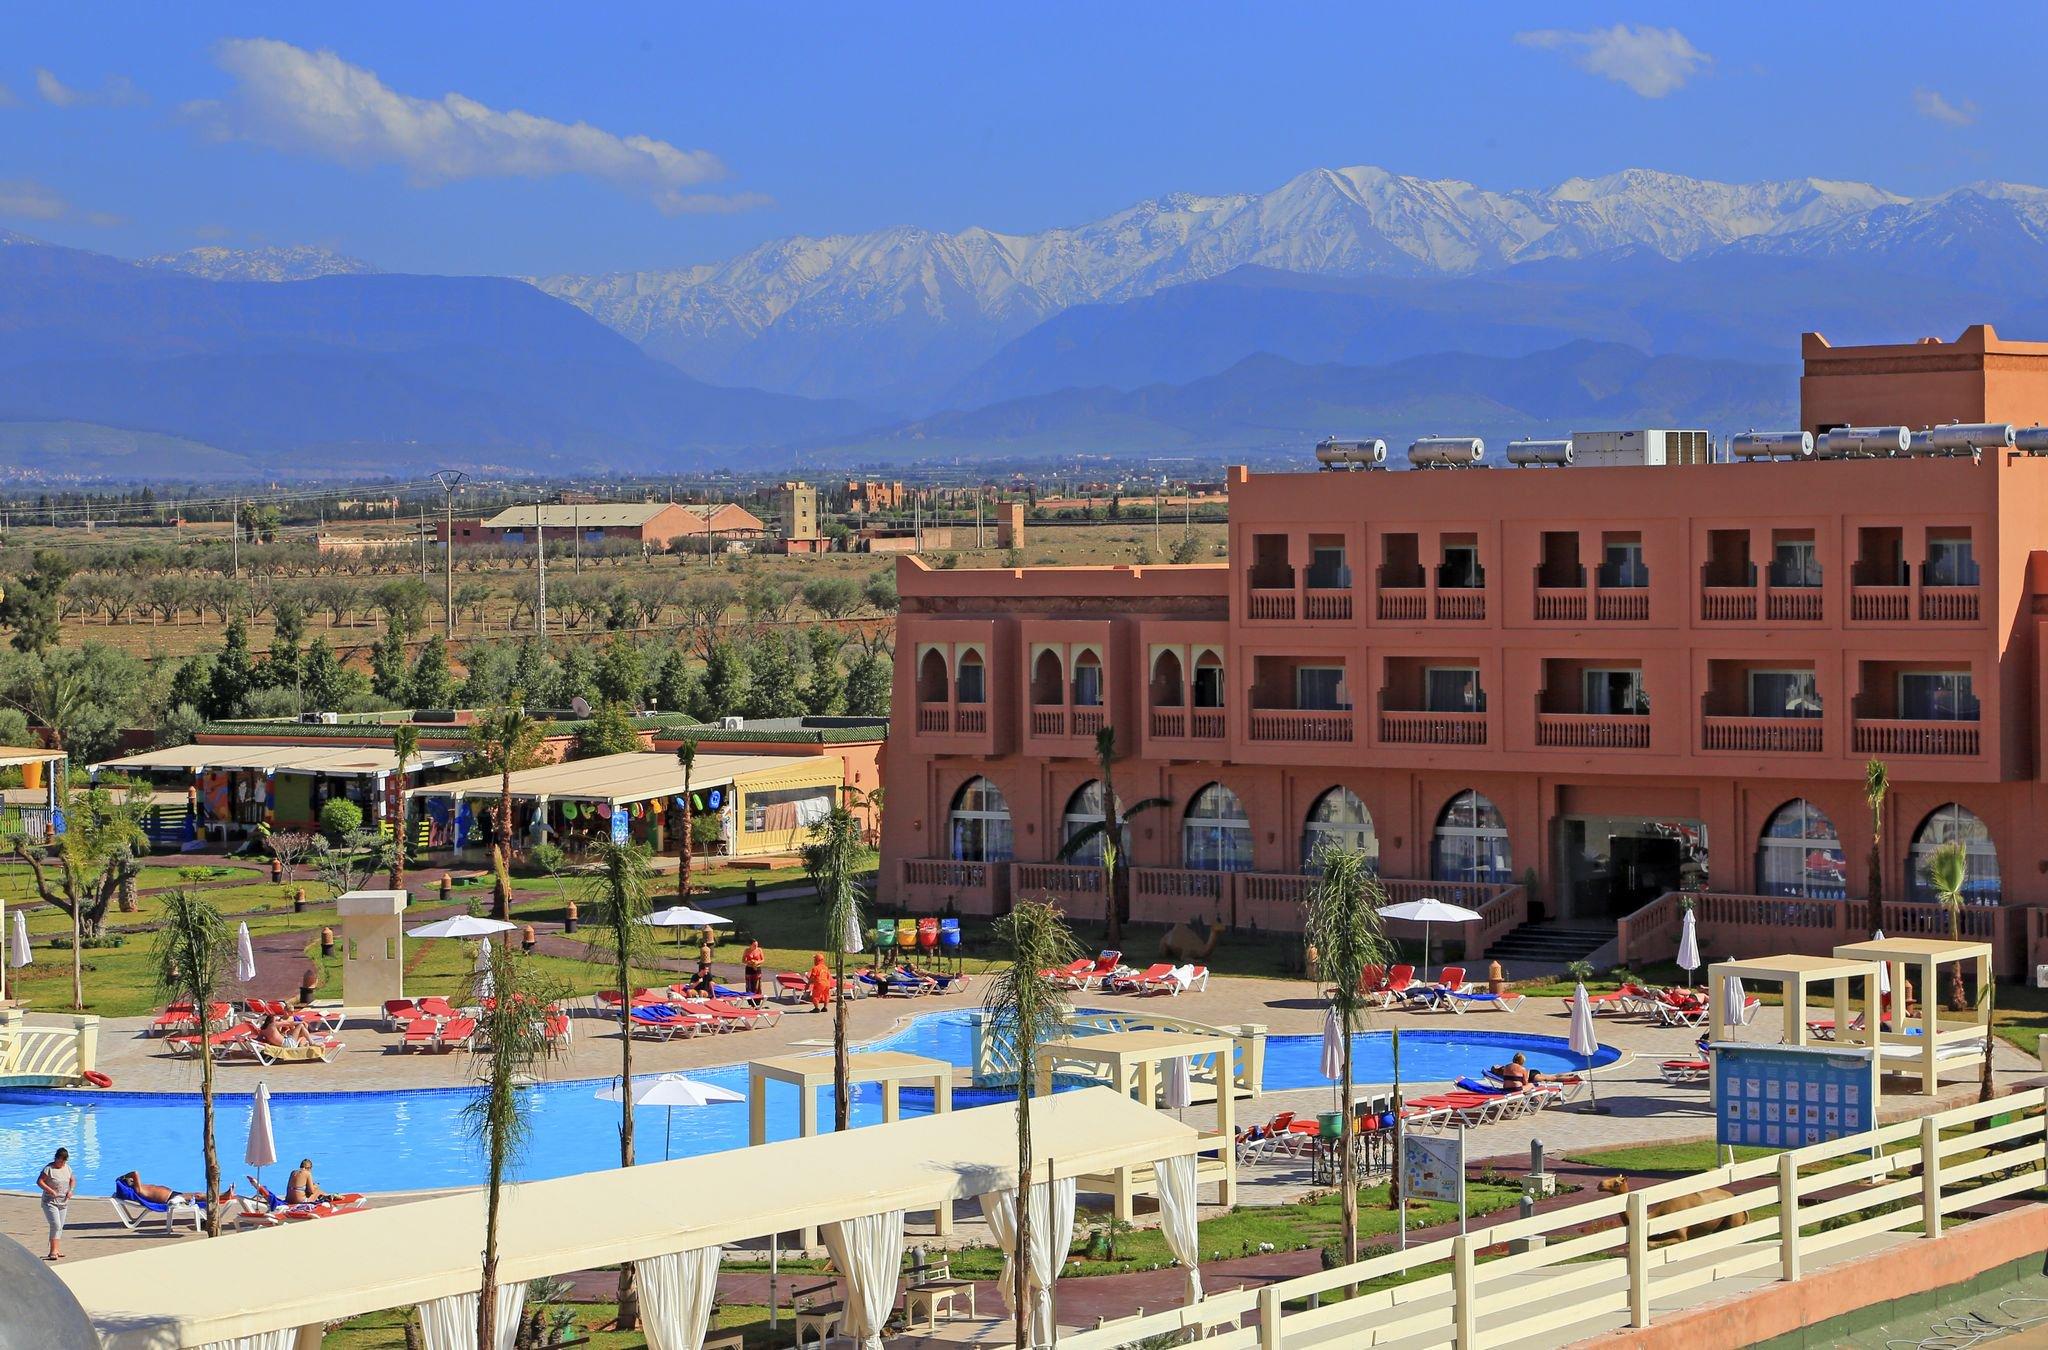 Marrakesh: All Inclusive Short Break to Award Winning Hotel w/Water-Park & Kids Stay FREE